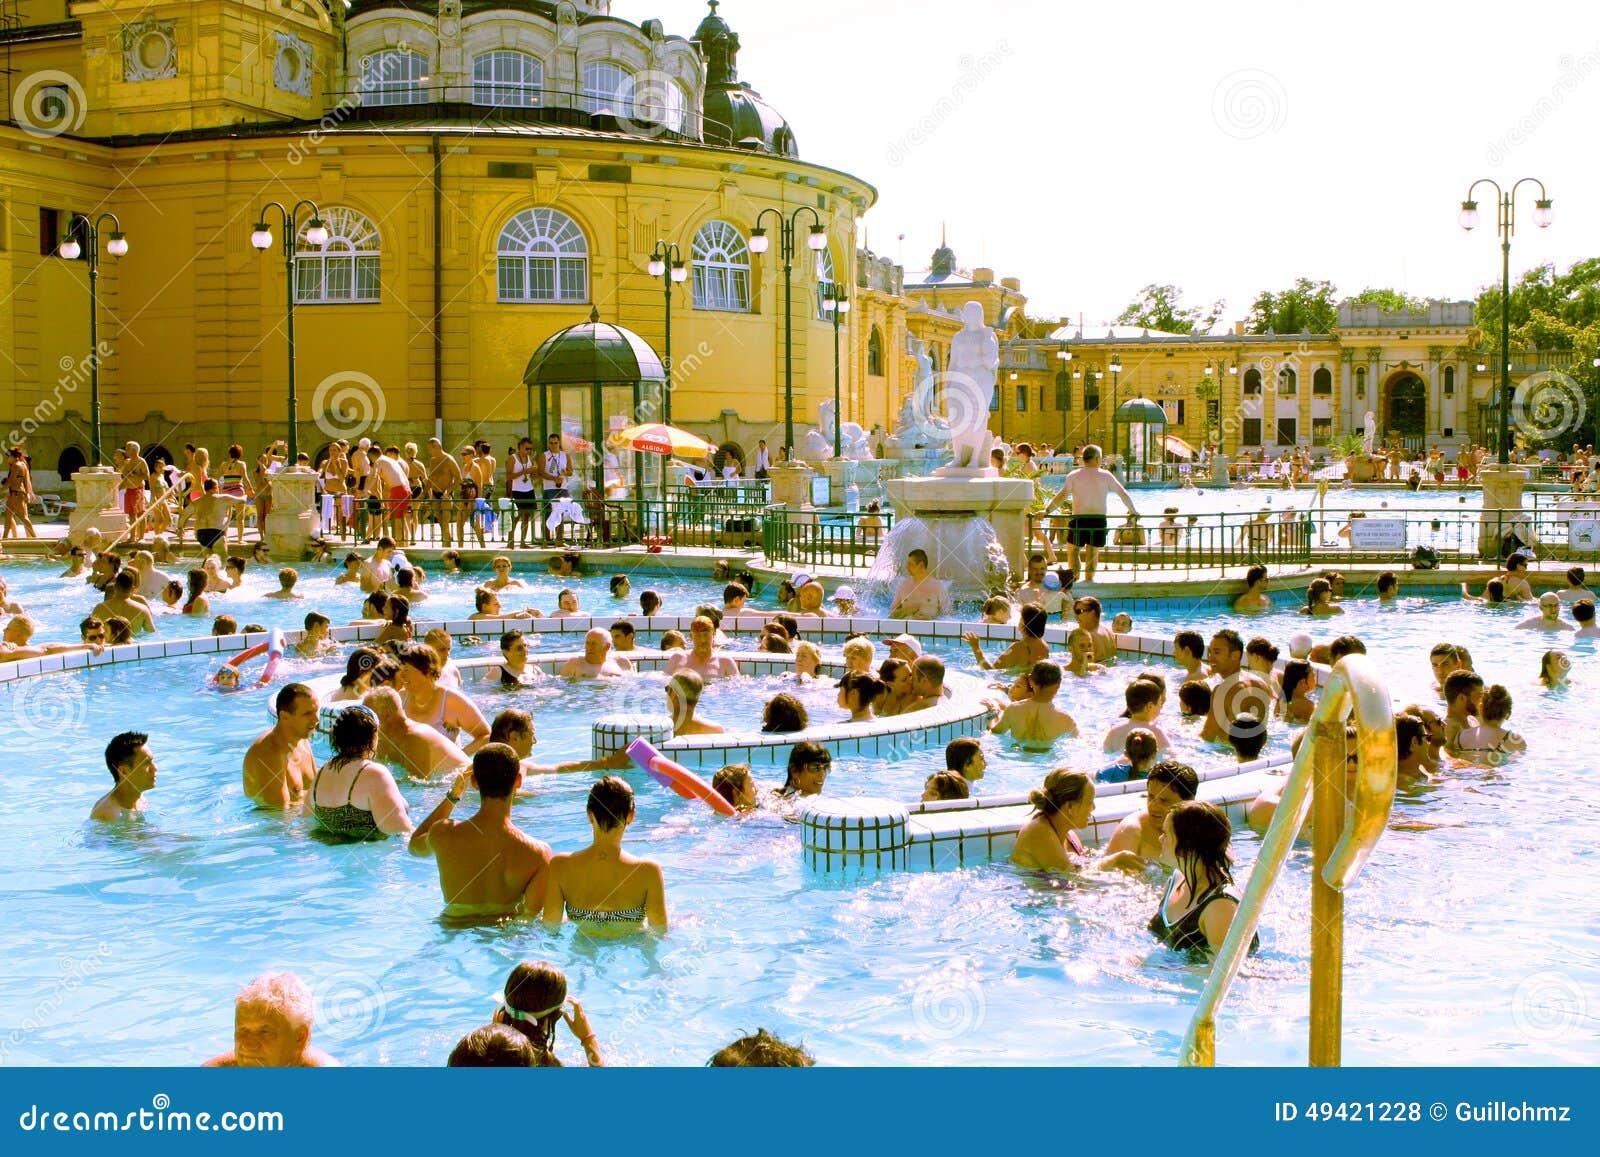 Diseno De Baños Termales:El baño termal de Széchenyi – Budapest – Hungría Foto de archivo